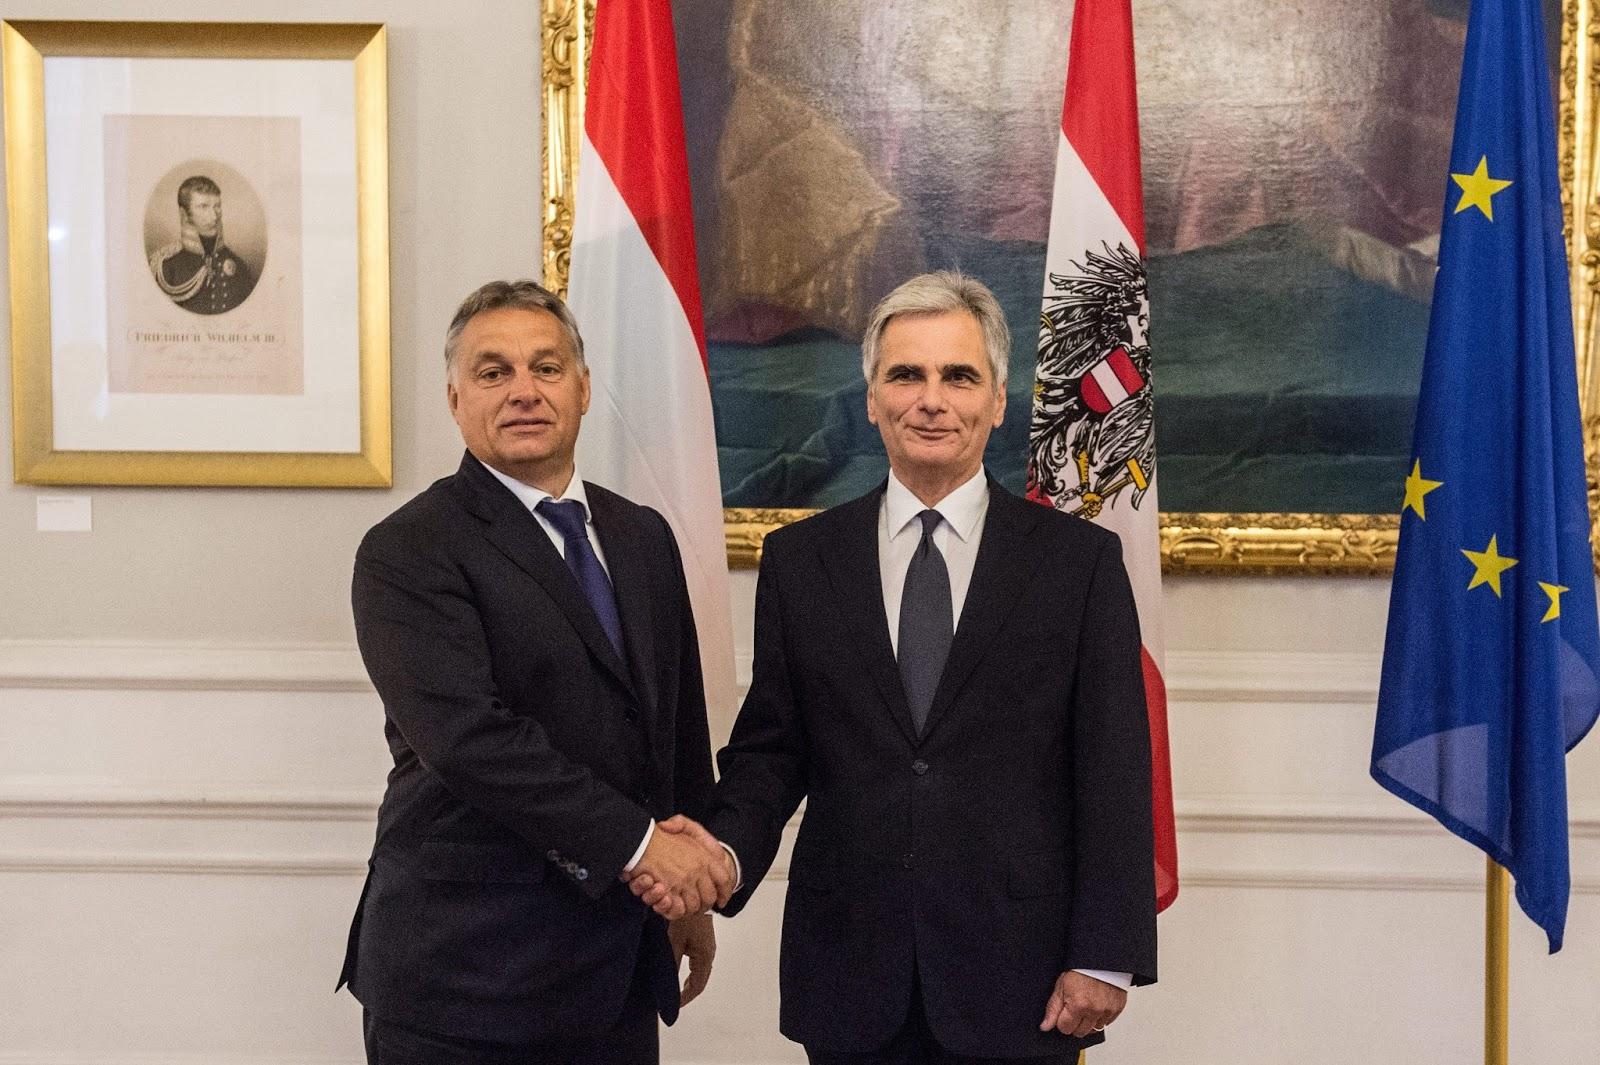 Orbán Viktor és Werner Faymann. Fotó: Botár Gergely/Miniszterelnöki Sajtóiroda/MTI